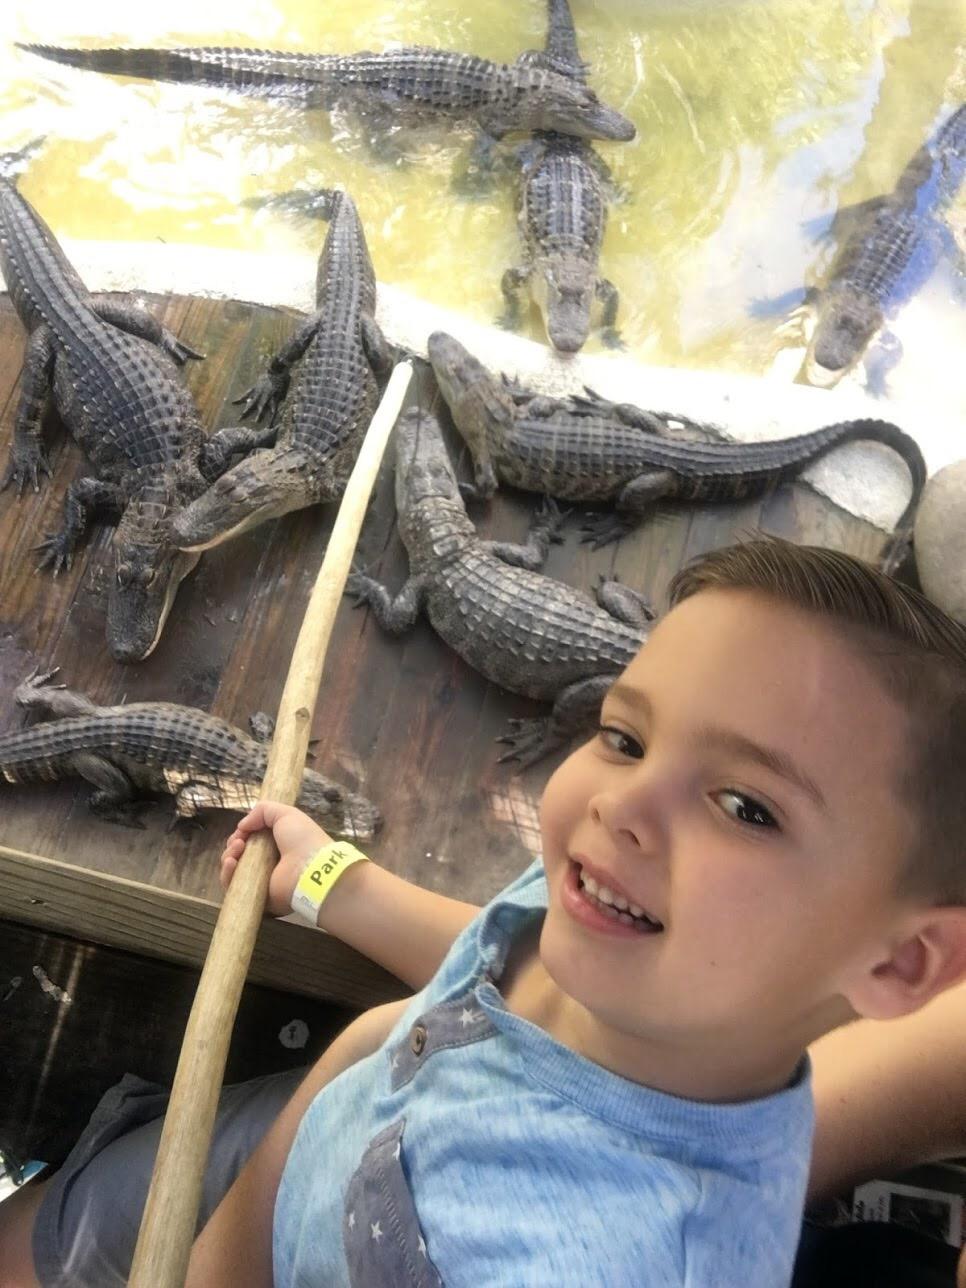 gator fishing at Wild Florida